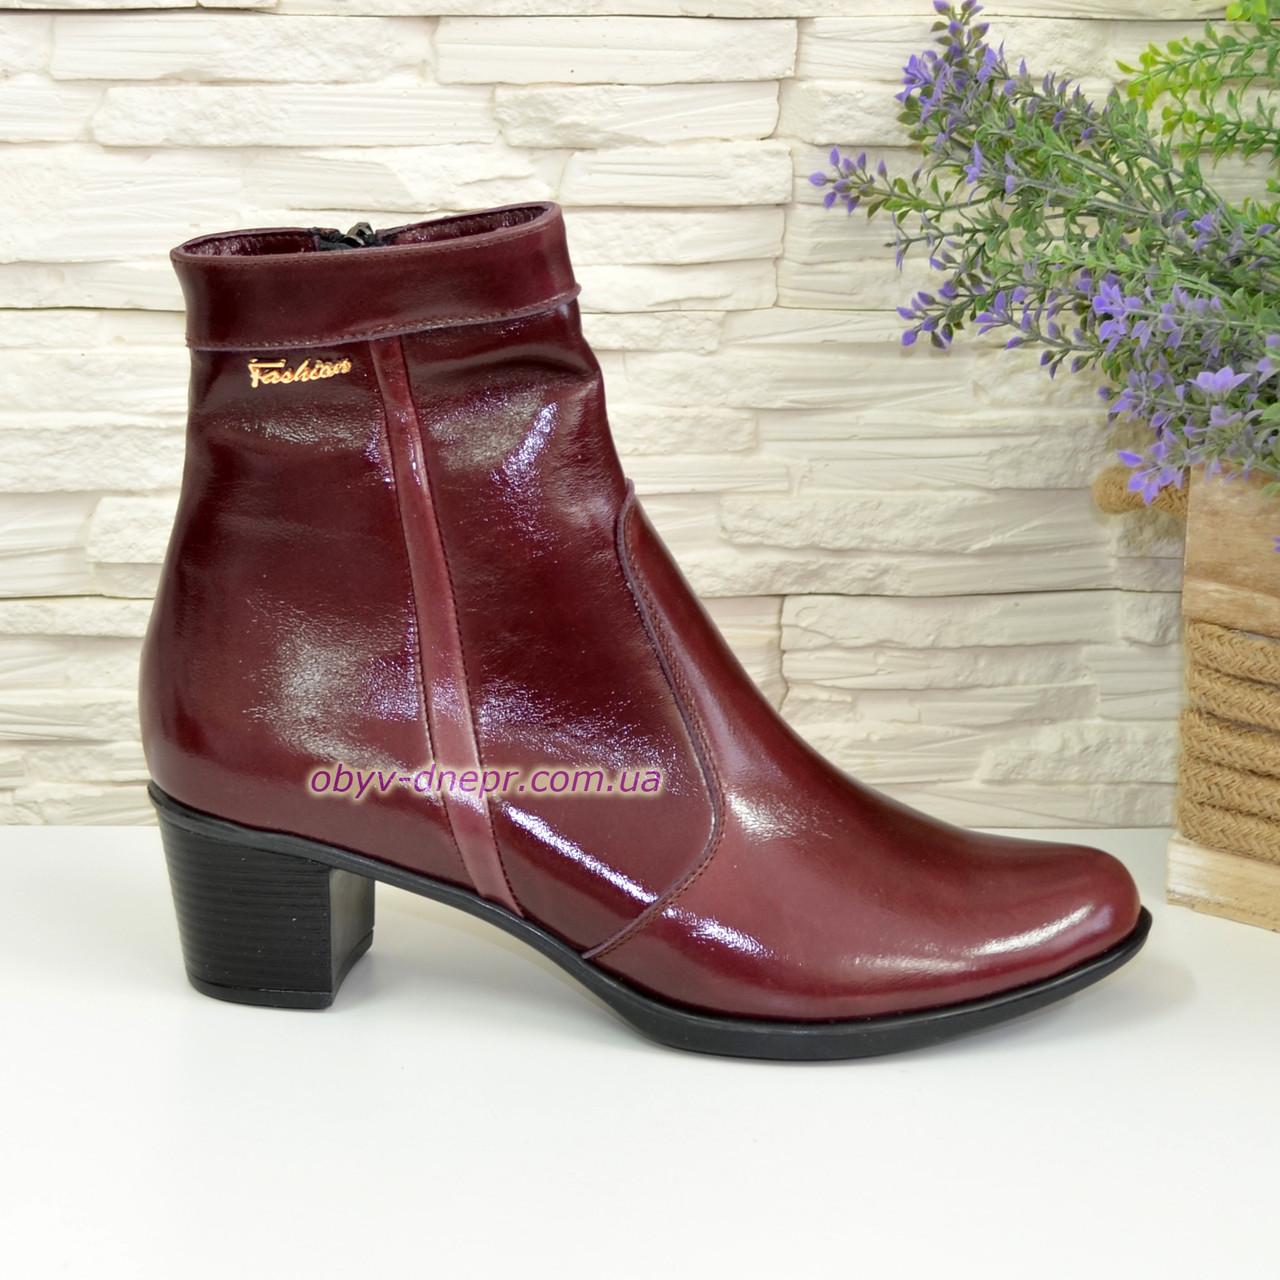 Женские зимние ботинки на невысоком каблуке, цвет бордо, фото 1